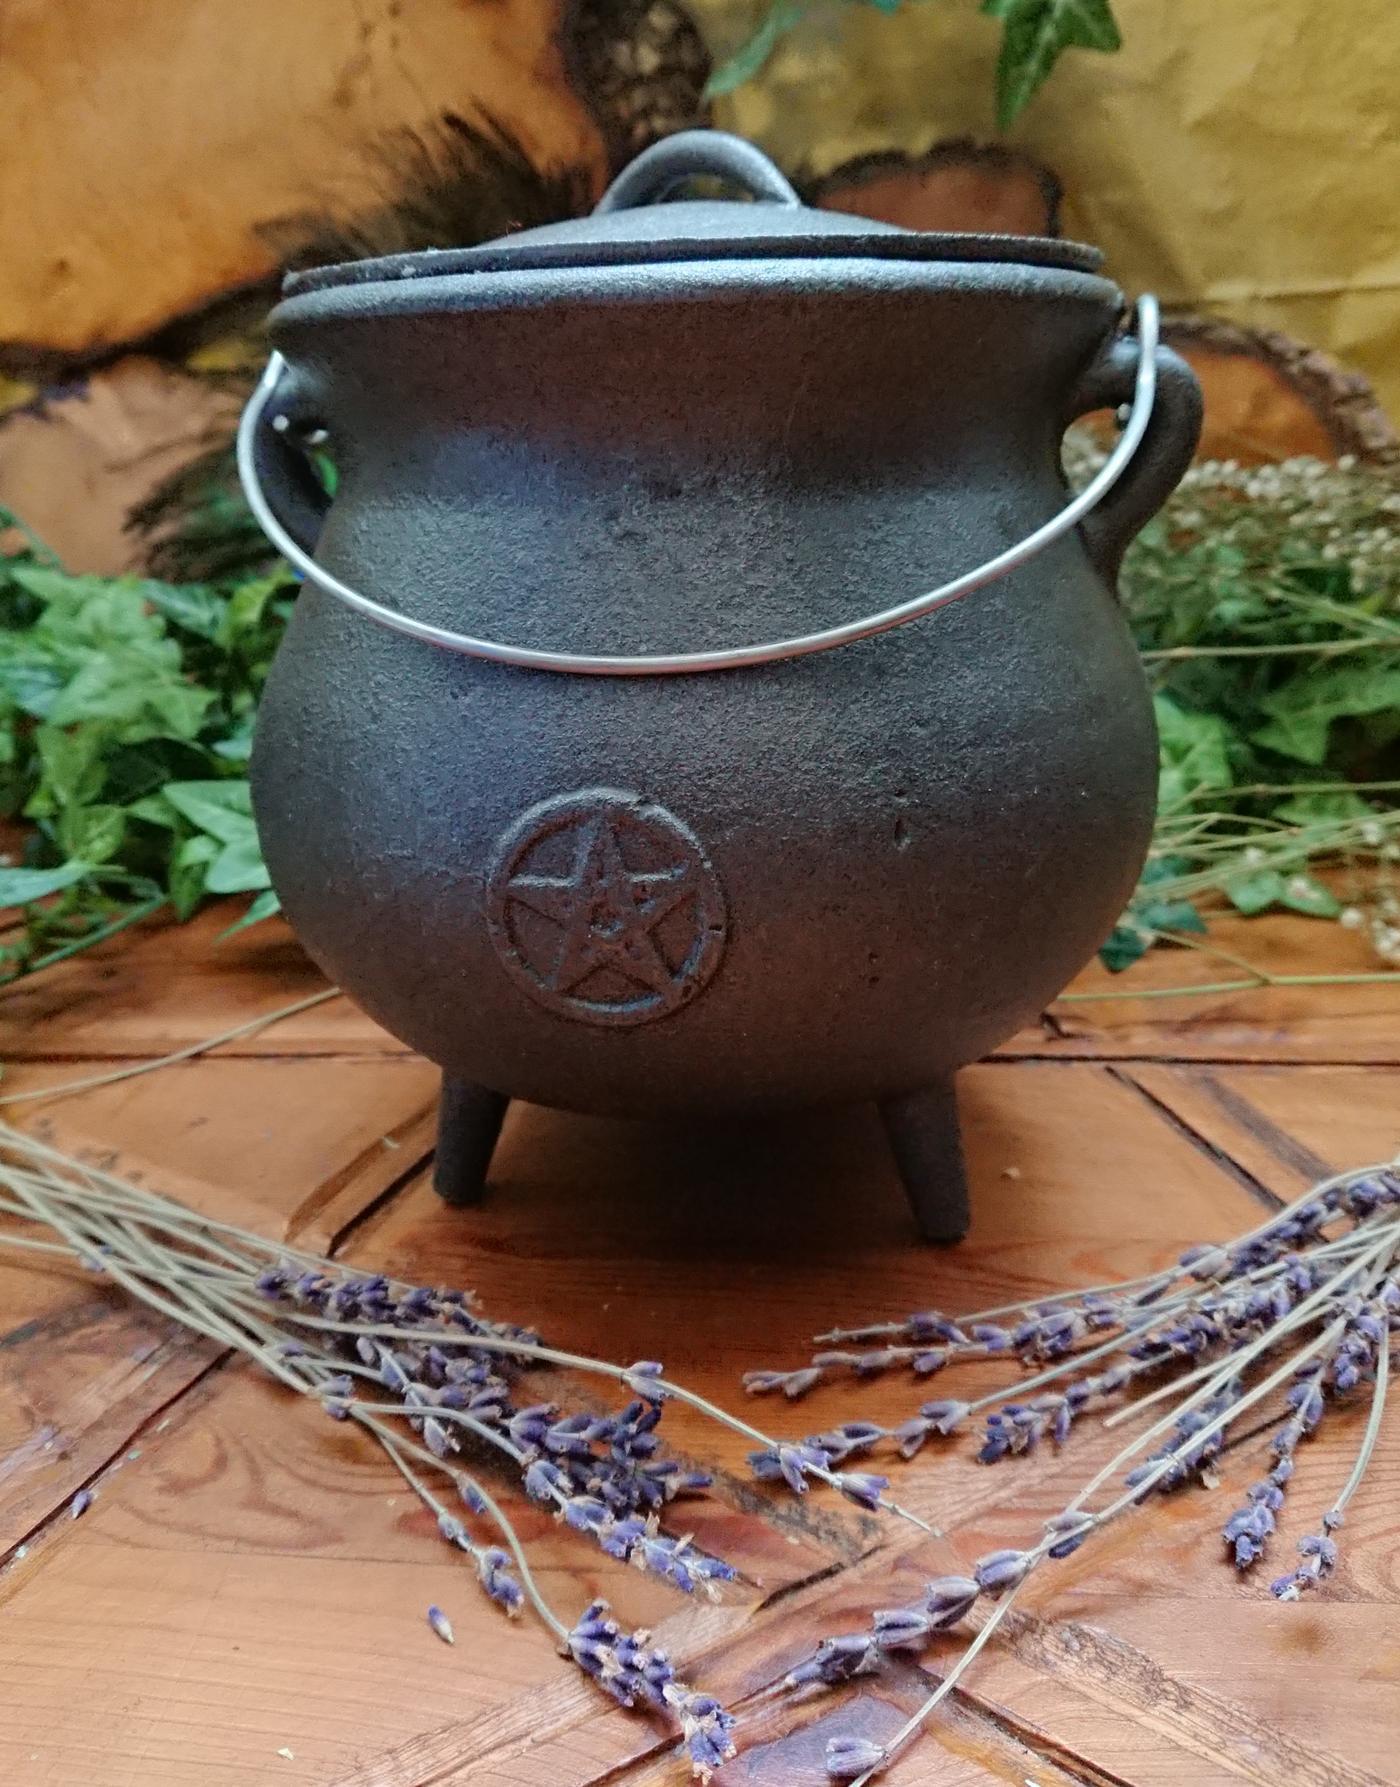 Large Witches Cauldron